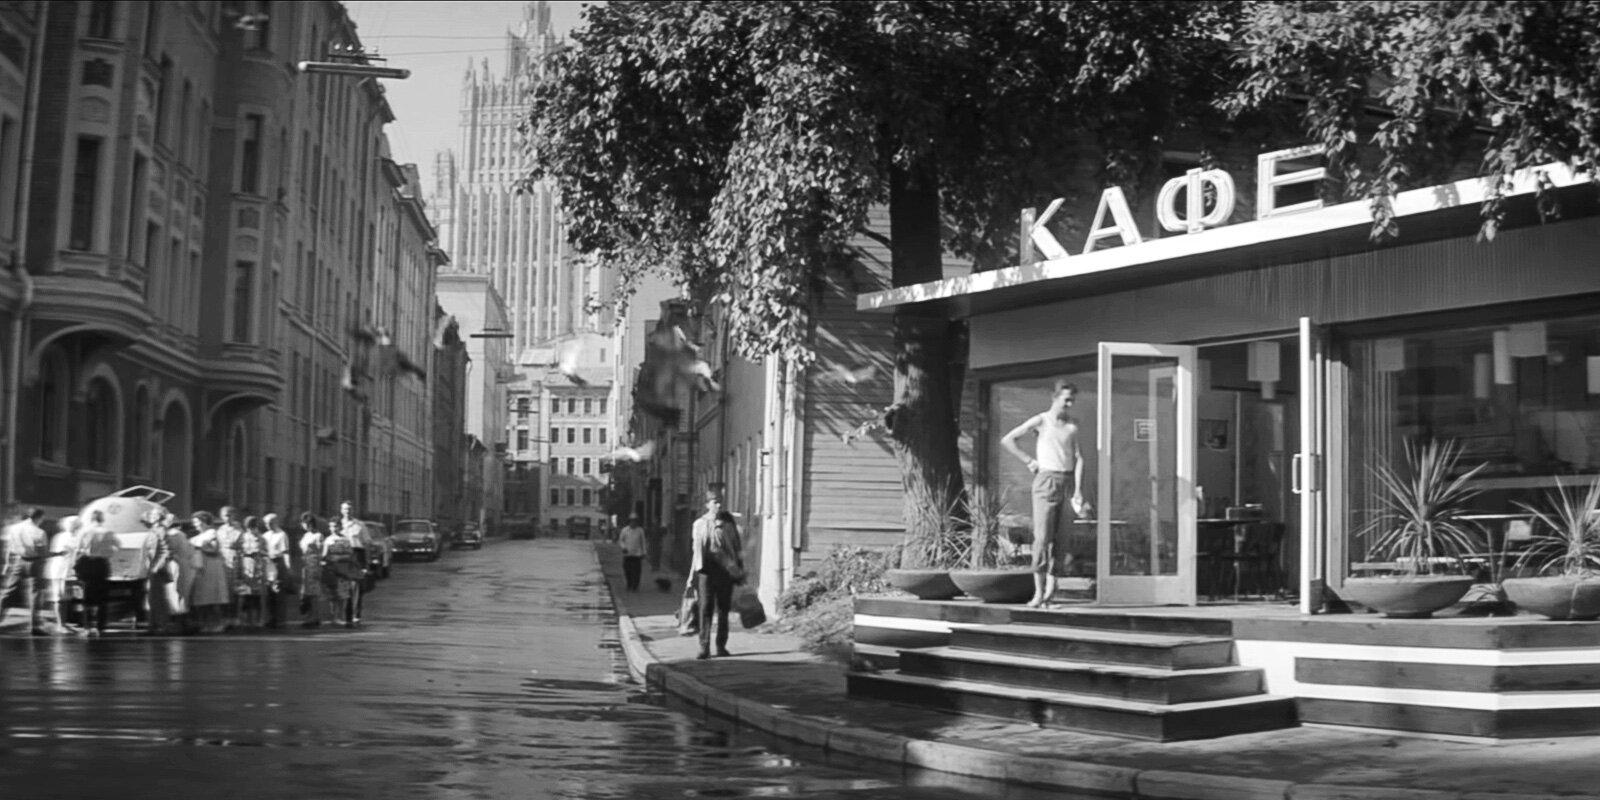 Кадр из фильма «Я шагаю по Москве». Режиссер Г. Данелия. 1963 год